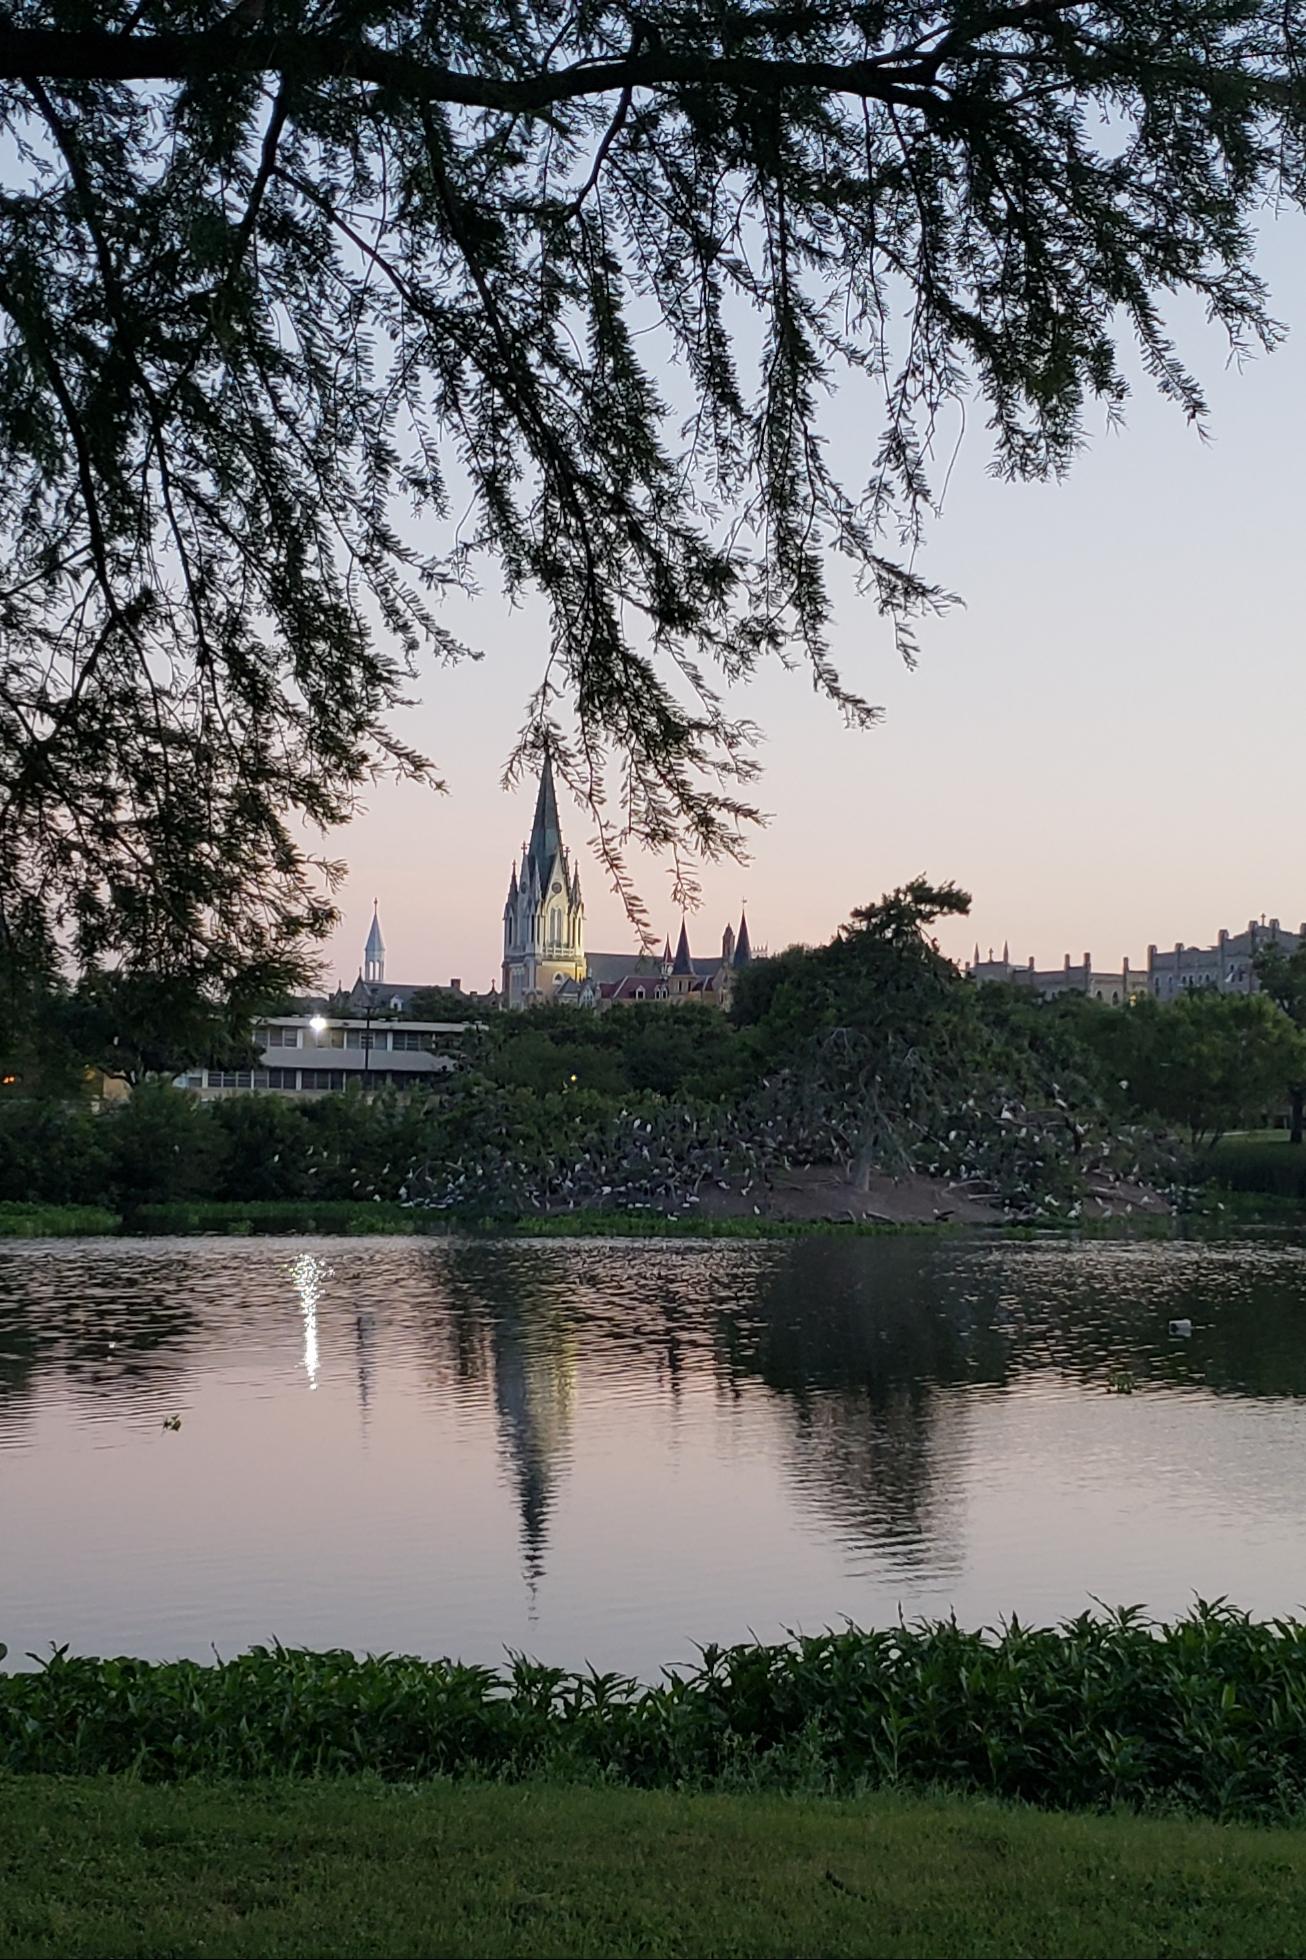 Lake Park Background